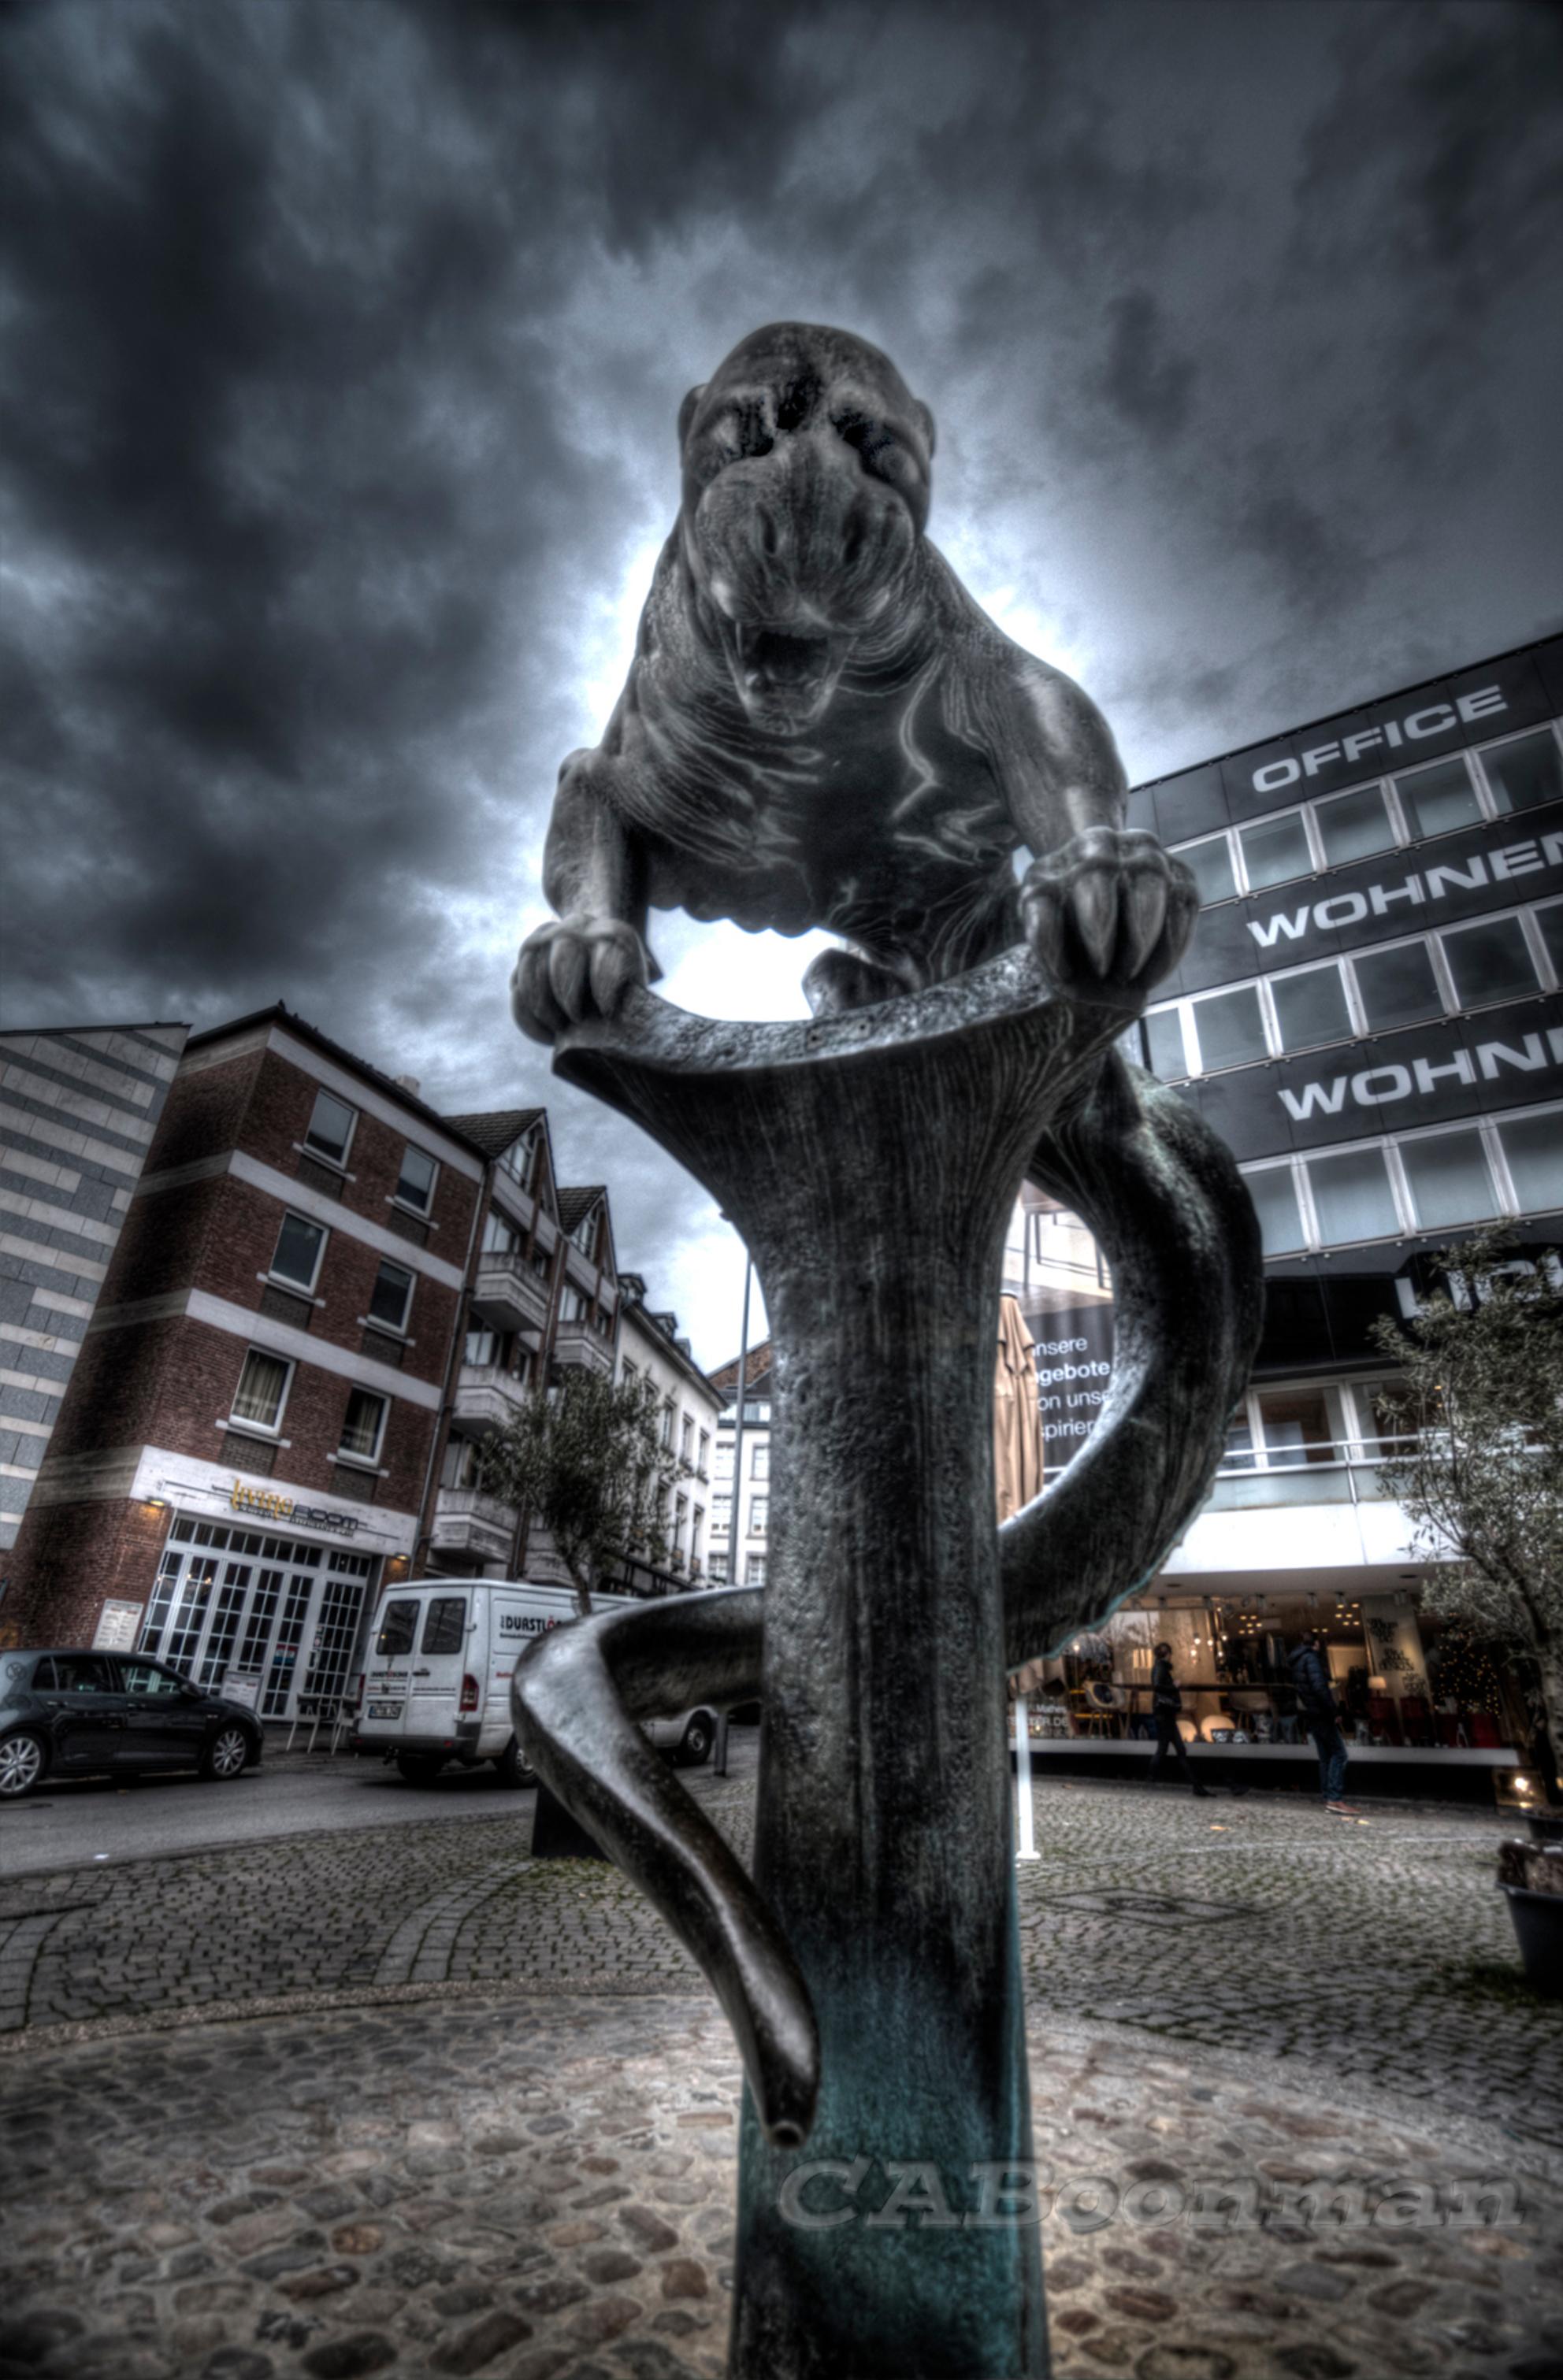 """The Beast - HDR in Aken uit de hand geschoten, na het hdr bewerken, handmatig in Elements, """"het beest"""" weer zichtbaar gemaakt, omdat deze te donker uitkwam en me - foto door lodexiv op 26-11-2015 - deze foto bevat: bewerking, hdr, tonemapping, photoshop elements - Deze foto mag gebruikt worden in een Zoom.nl publicatie"""